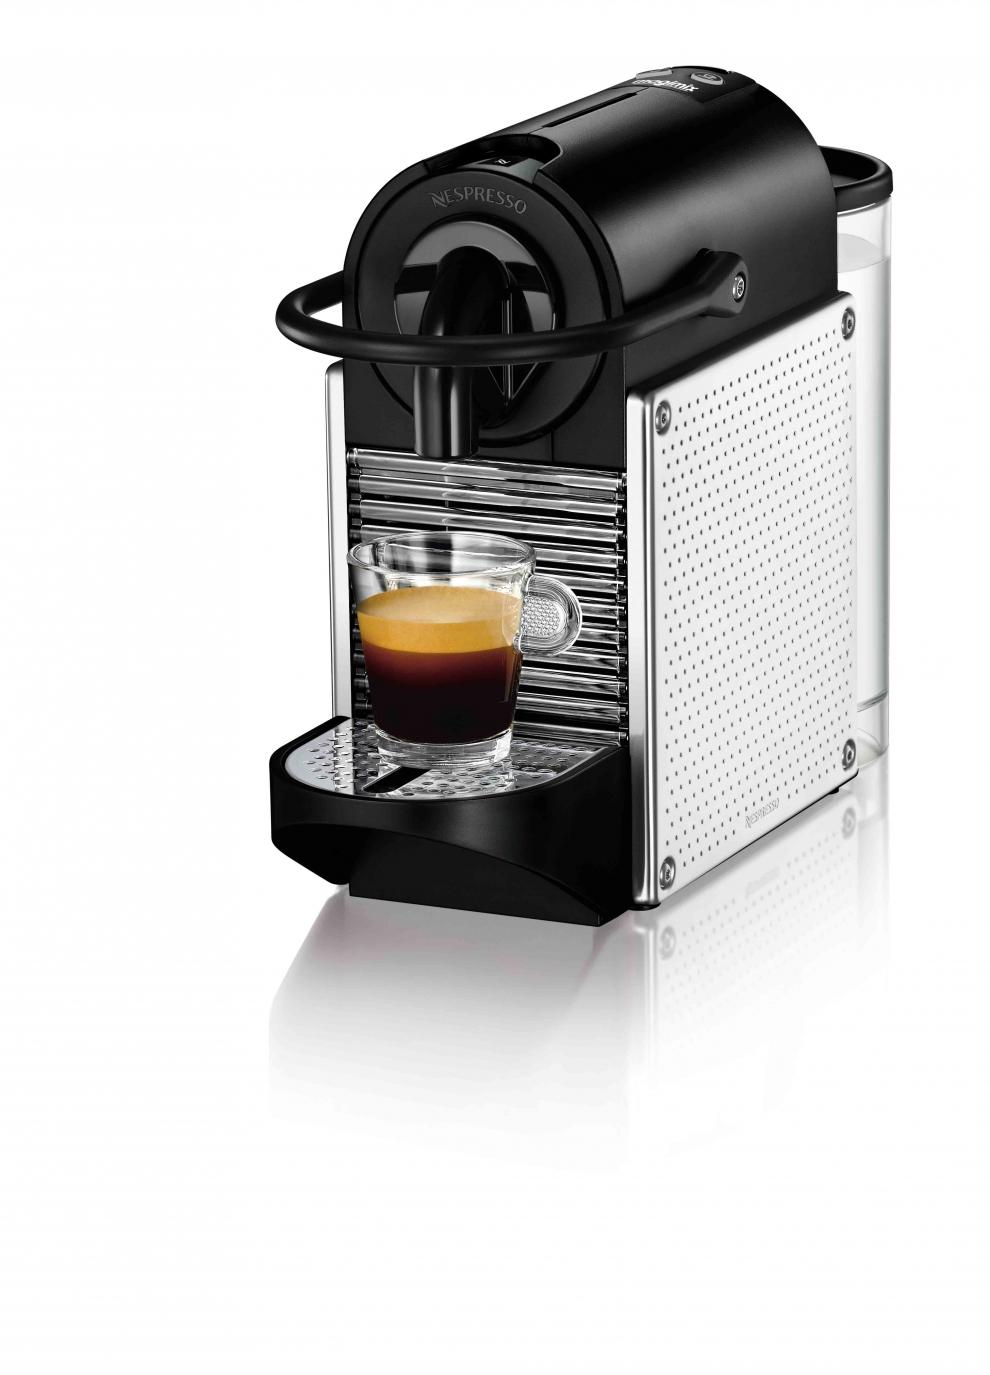 Magimix nespresso m110 pixie chrome automatique magimix 11326 11326 achetez au meilleur - Machine a cafe magimix ...